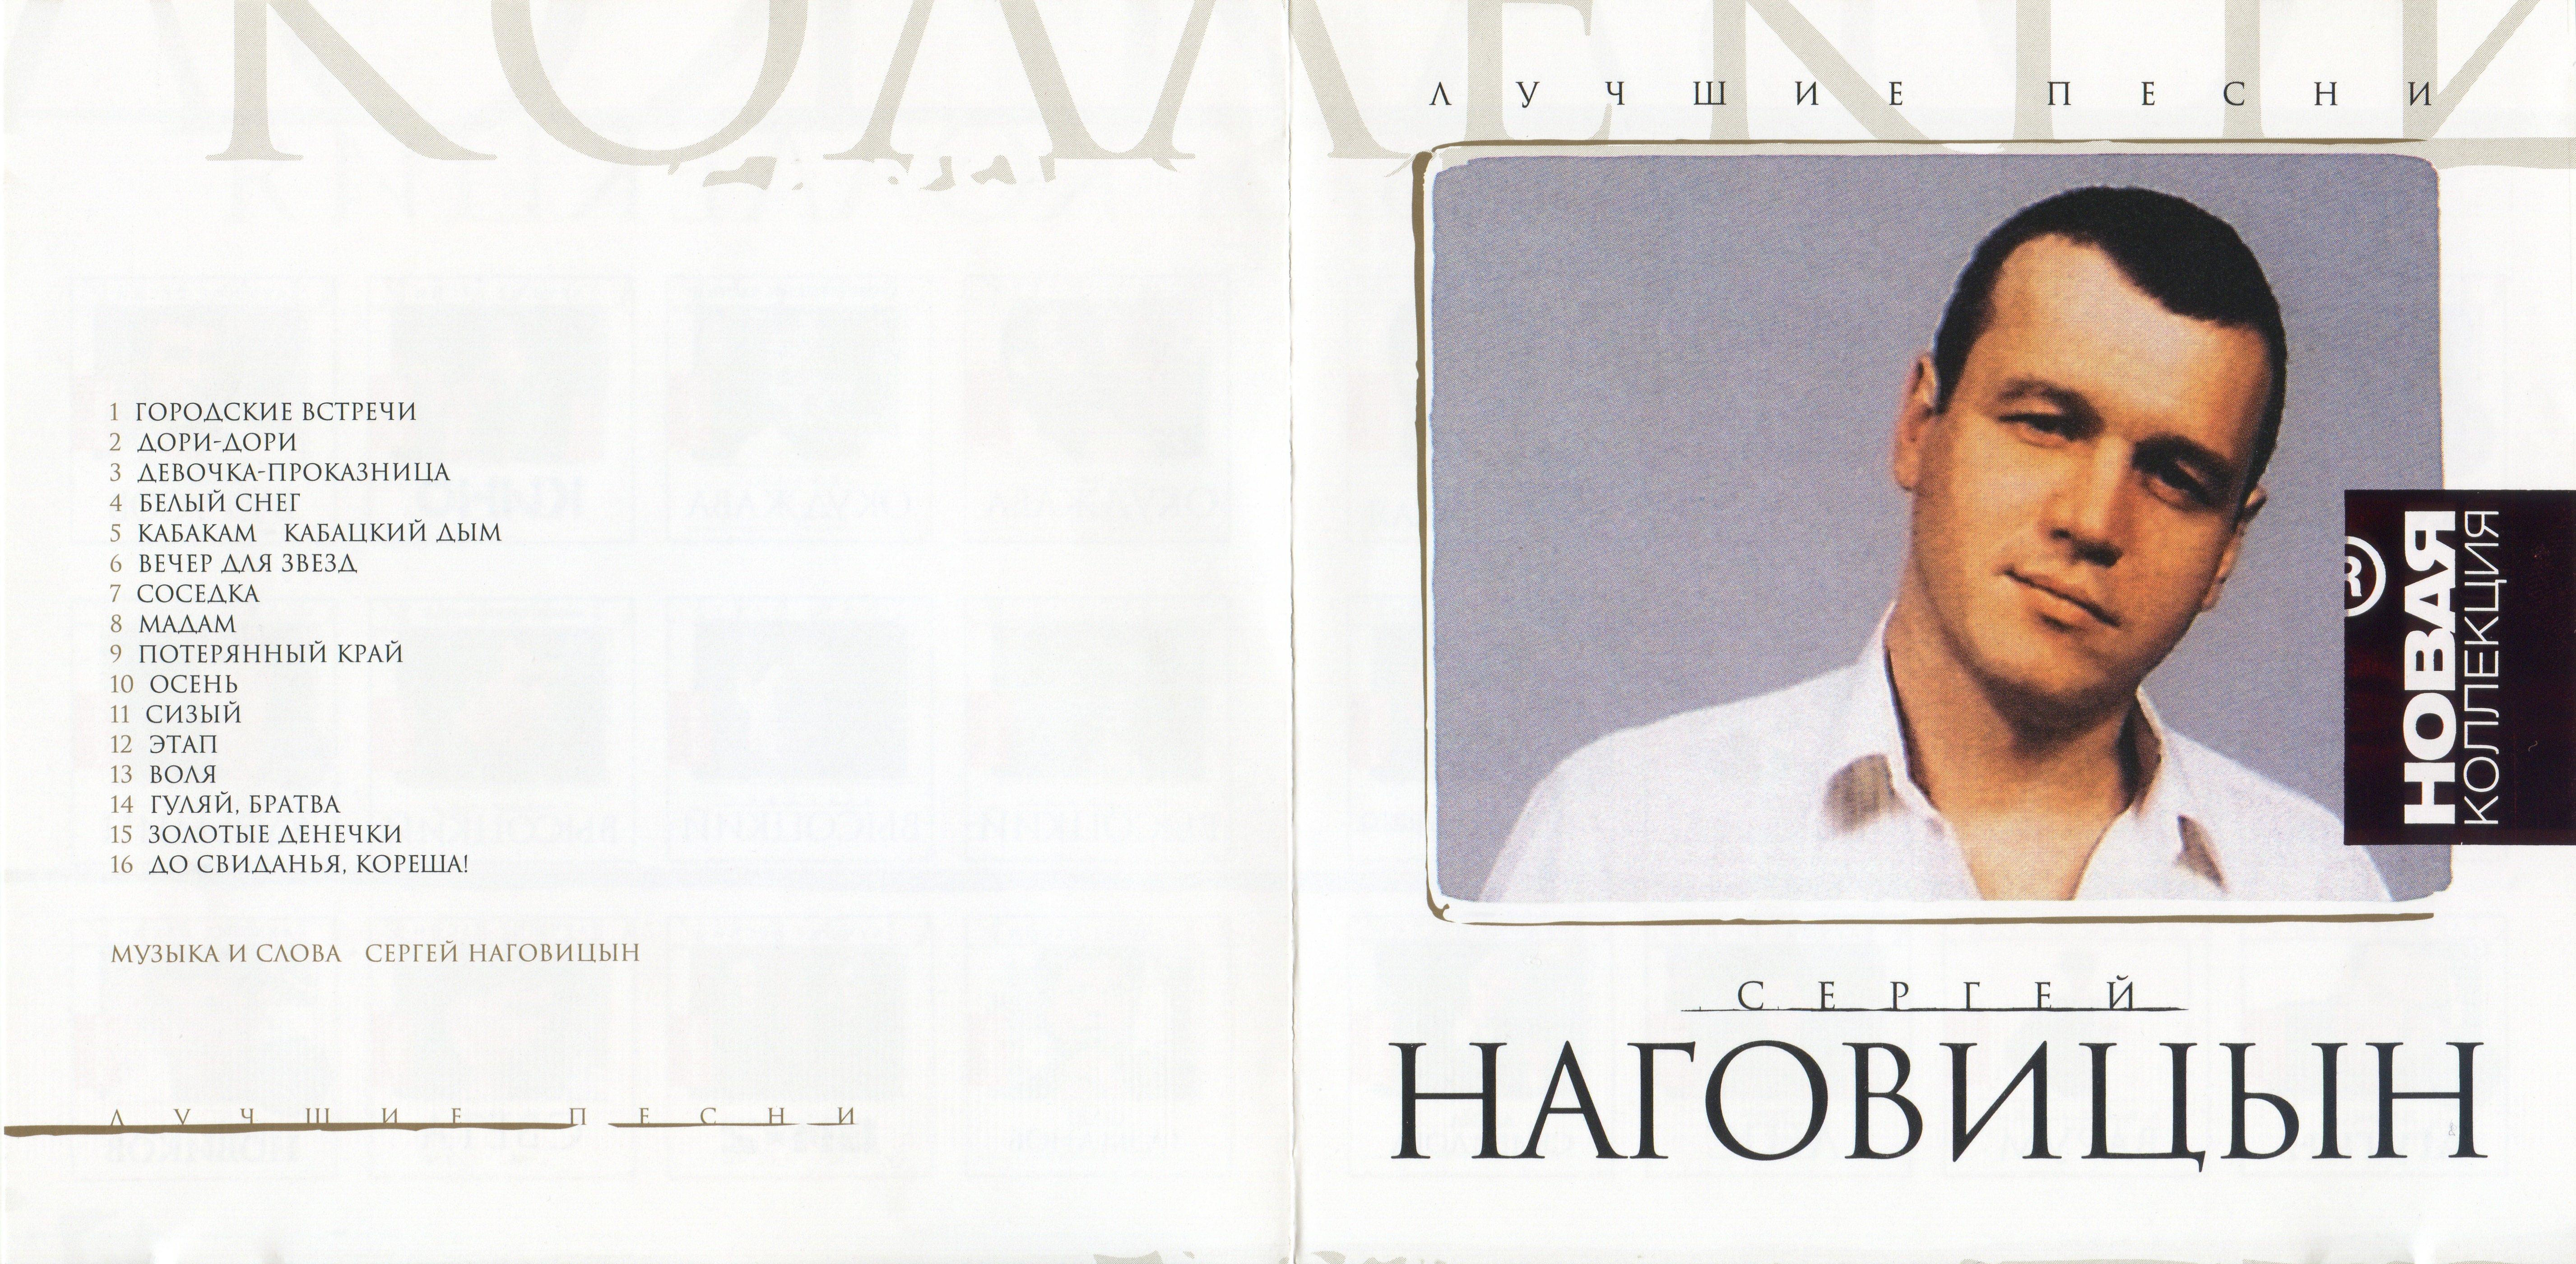 Сергей наговицын — девочка - проказница.